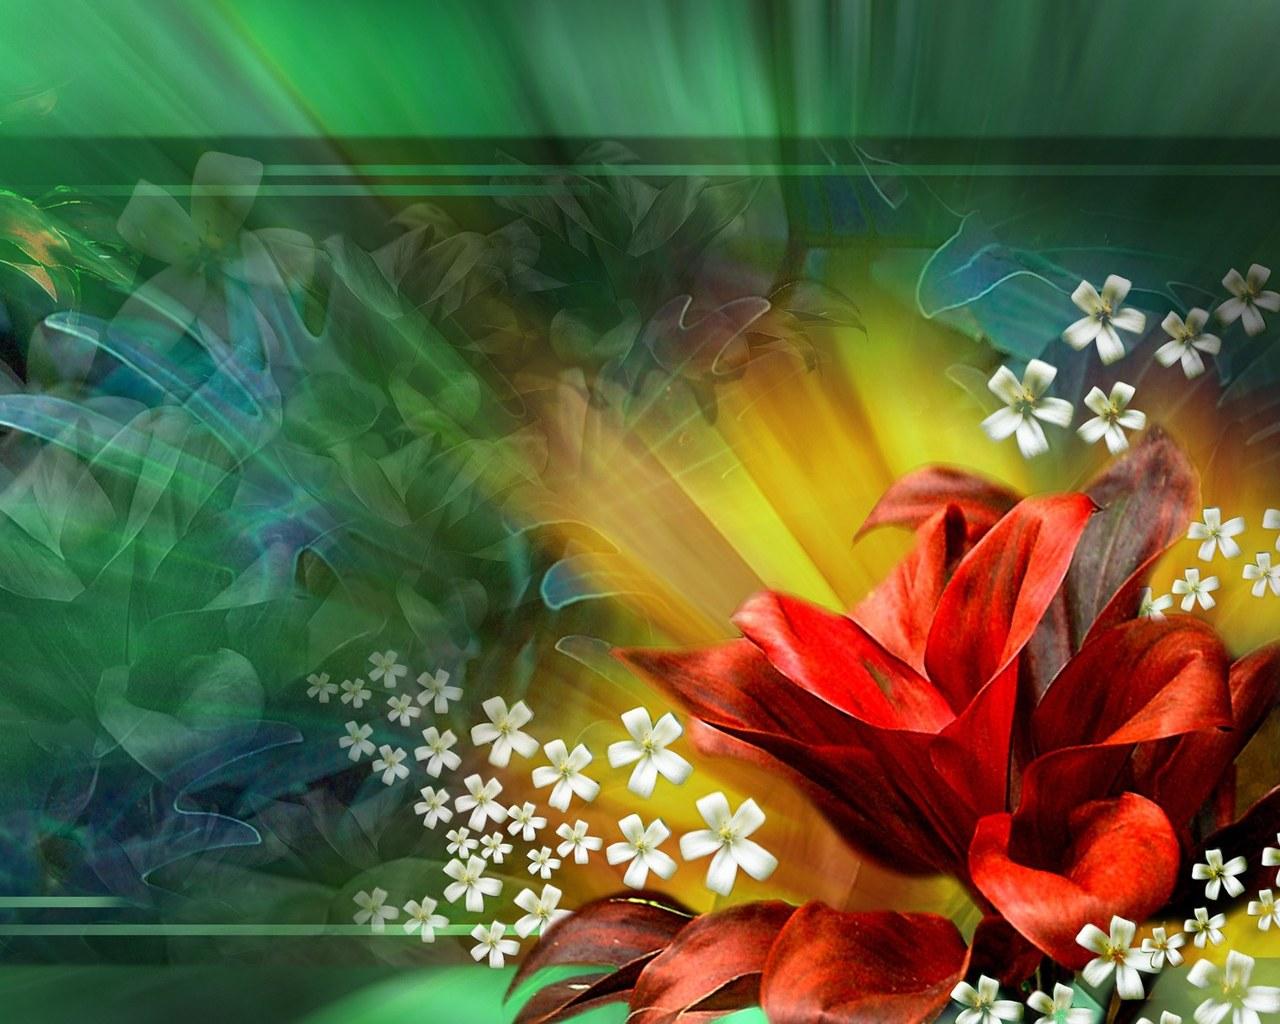 PD Wallpaper Abstract wallpaper 1280x1024